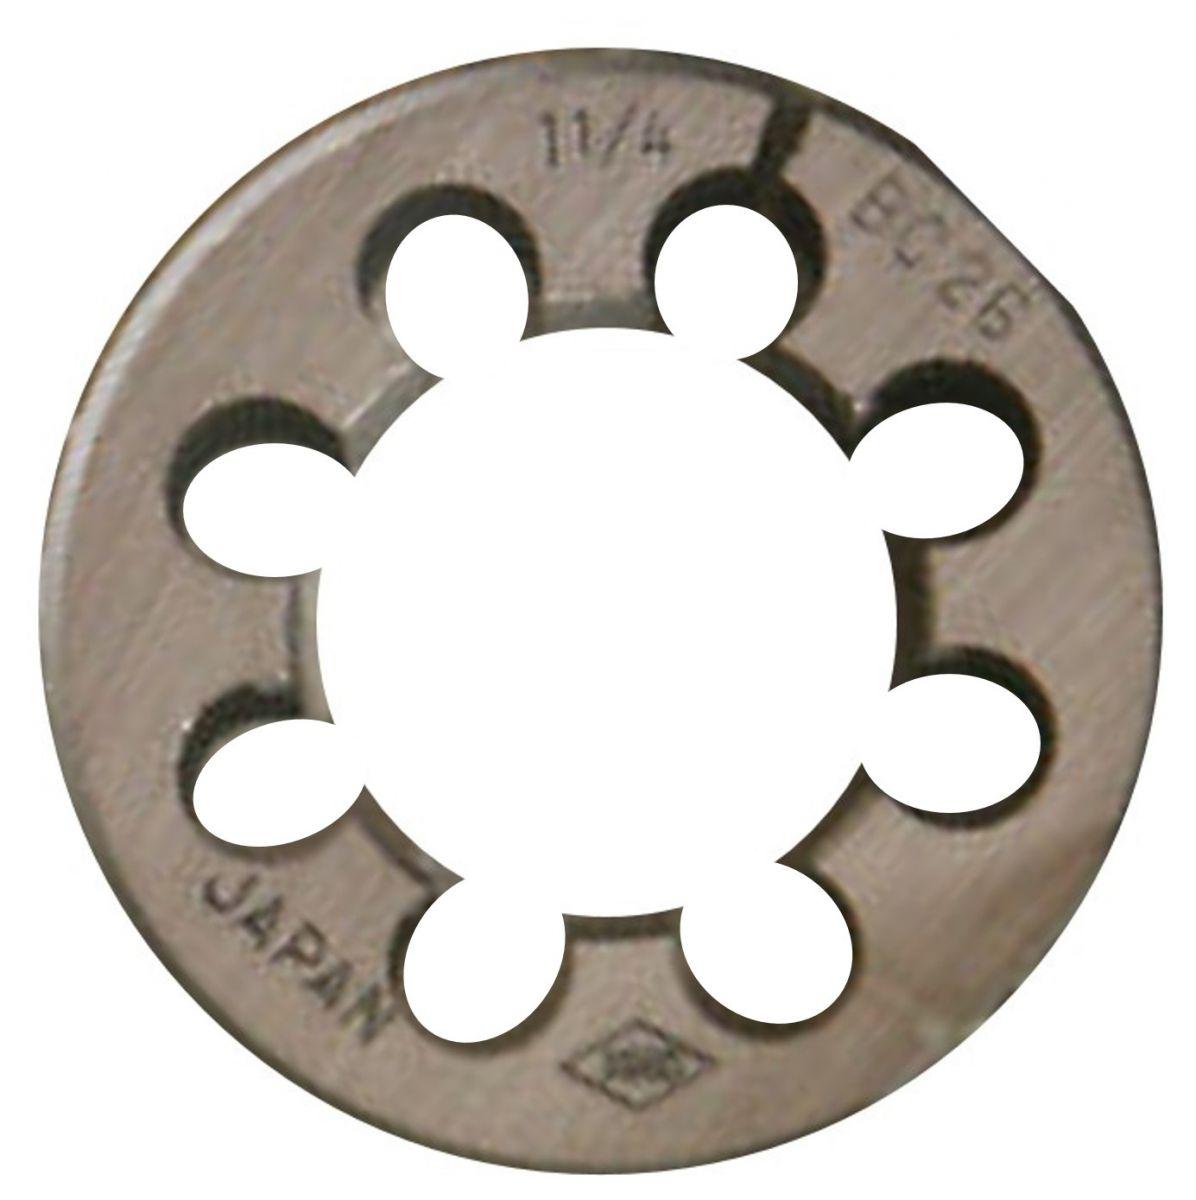 hozan voorvorksnijijzer c4322 voor c432 114 zilver